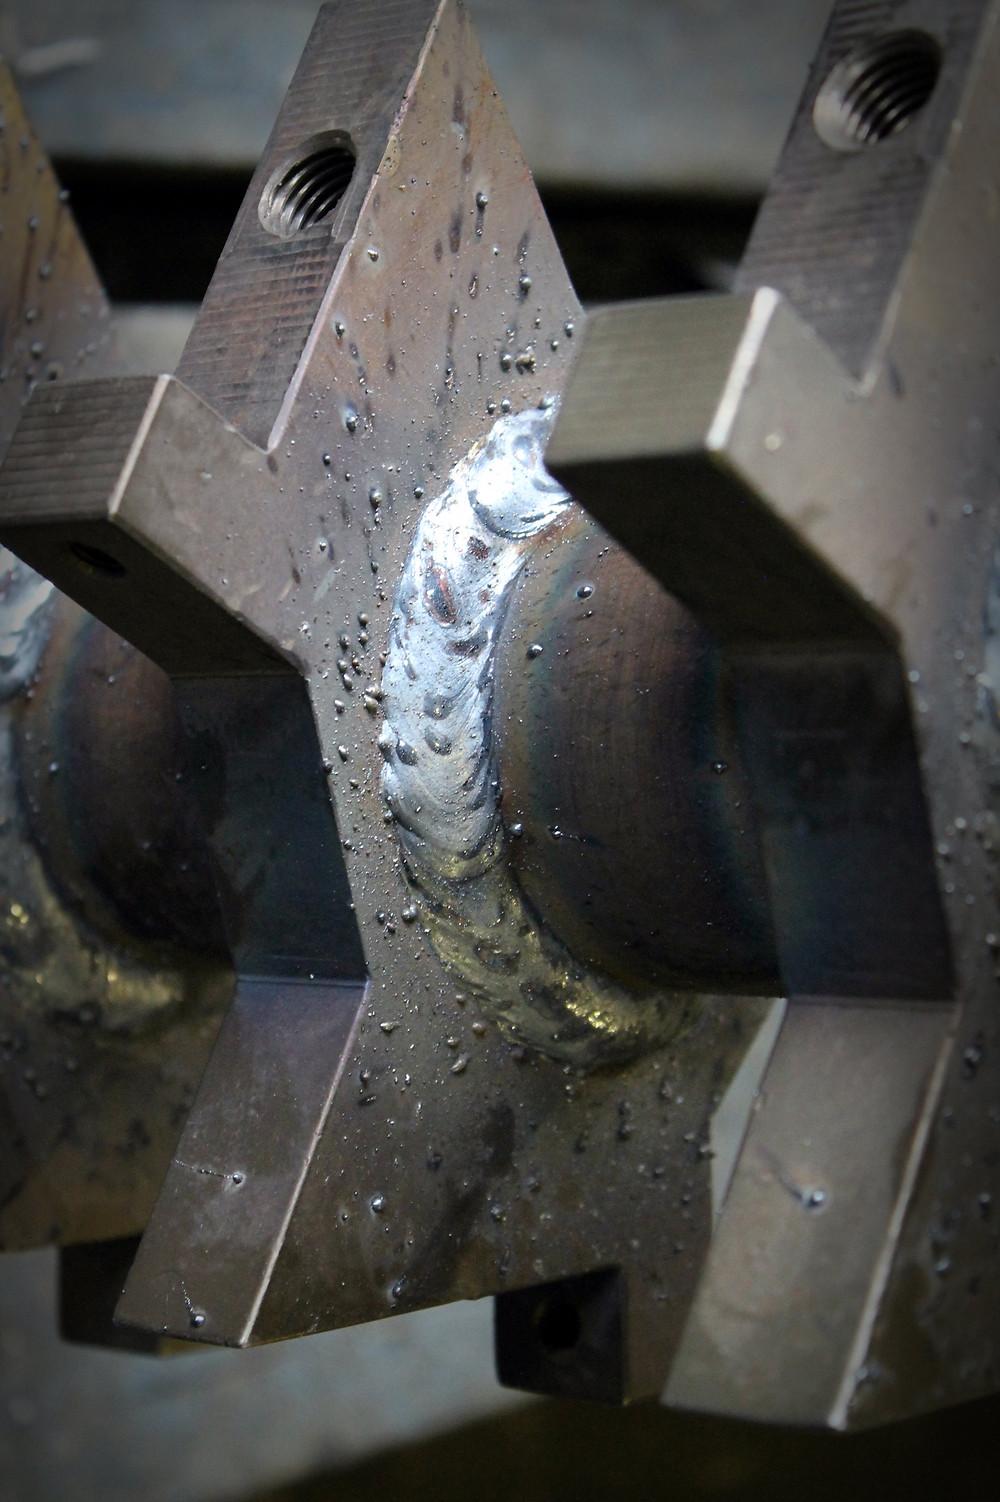 ротор дробилки после сварочных работ